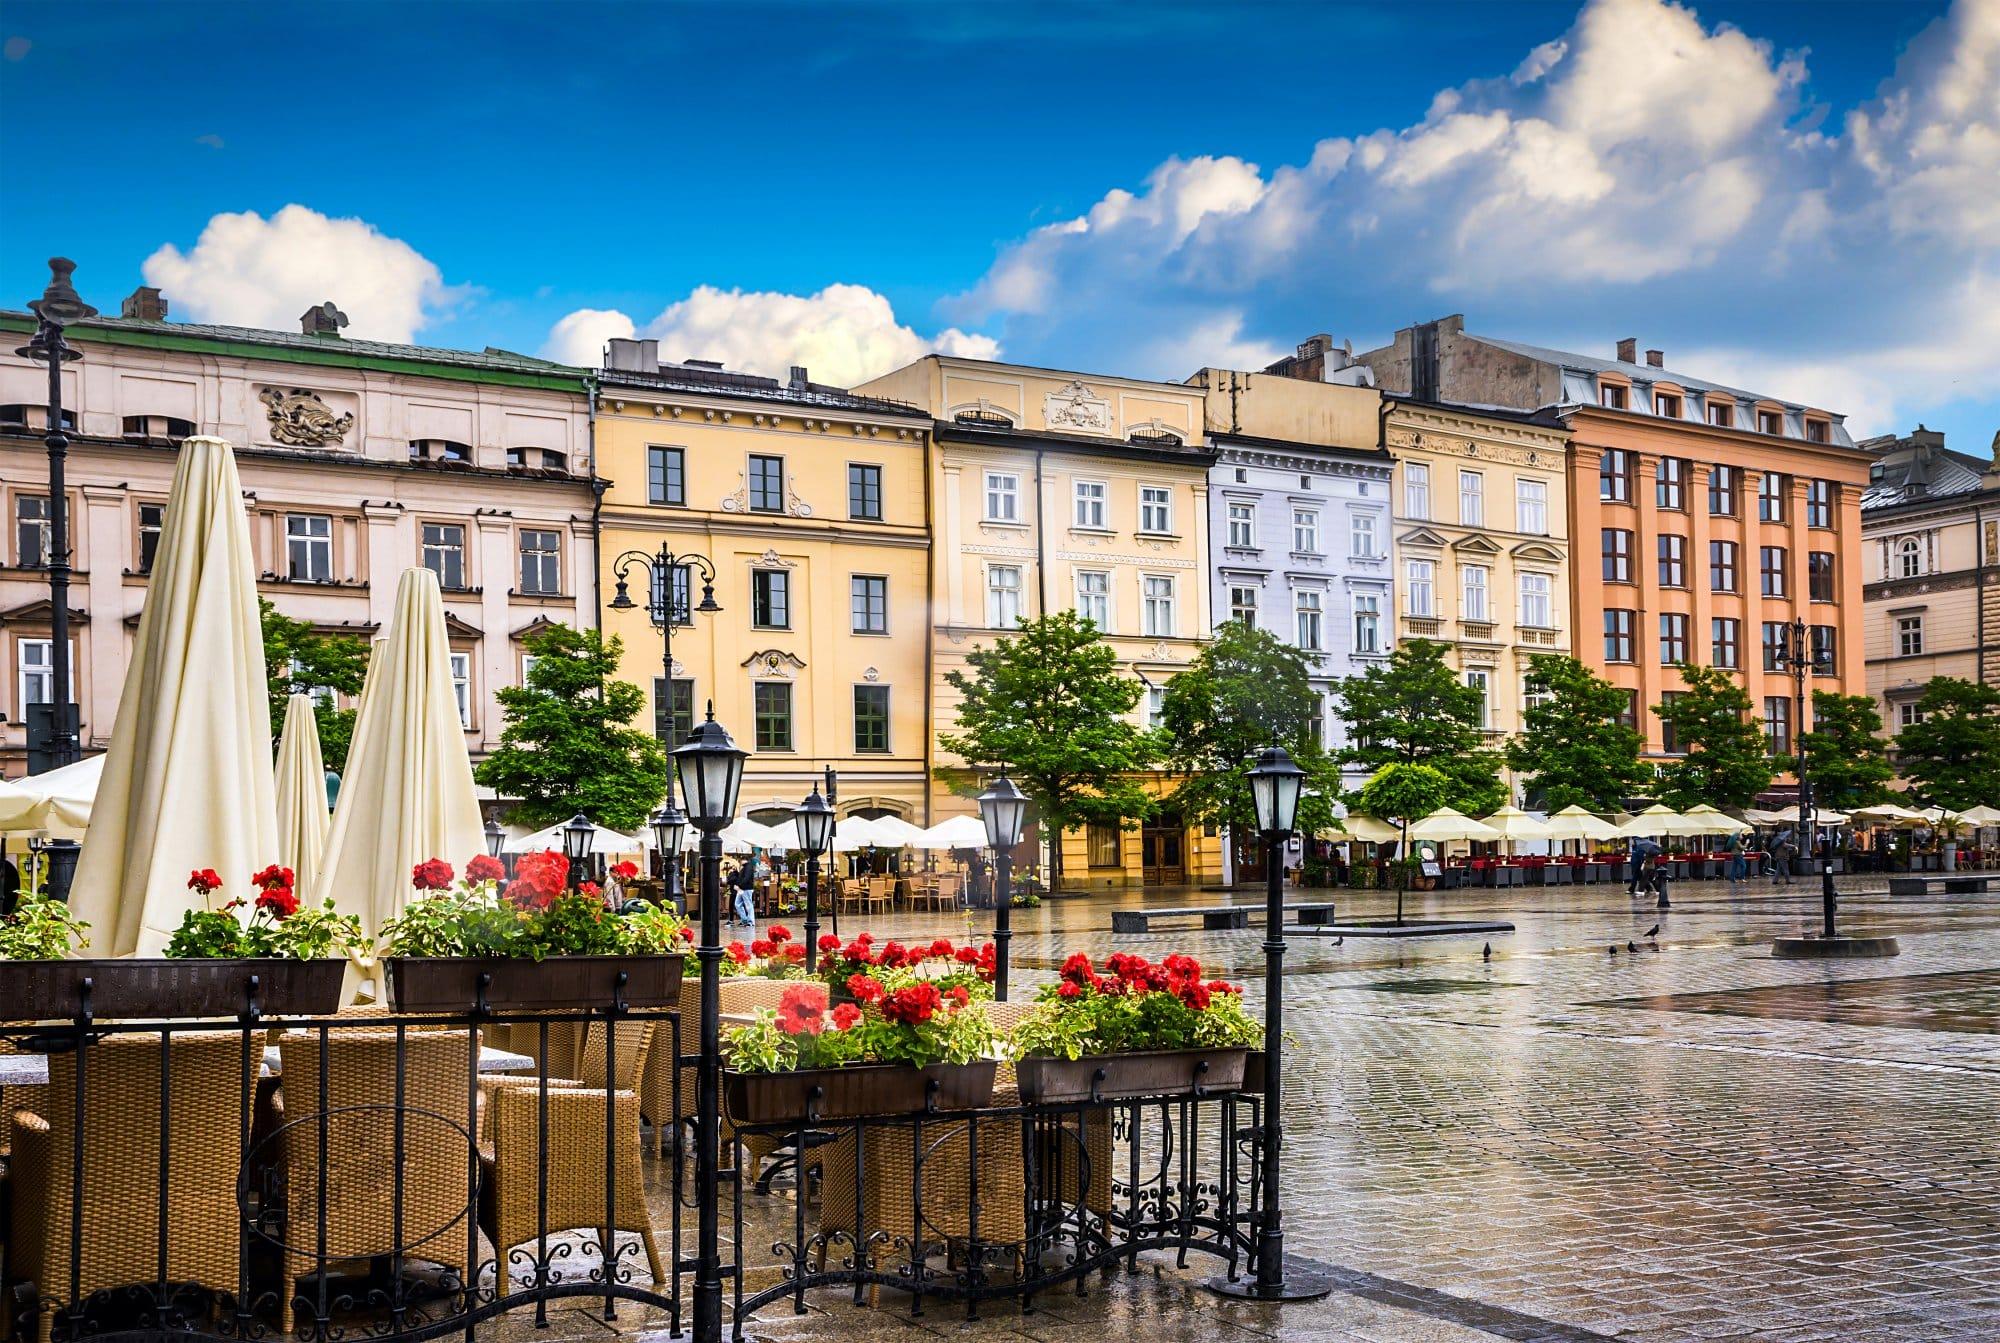 La vieille ville de cracovie pologne desti nations - Maison simple aux details rustiques en pologne ...